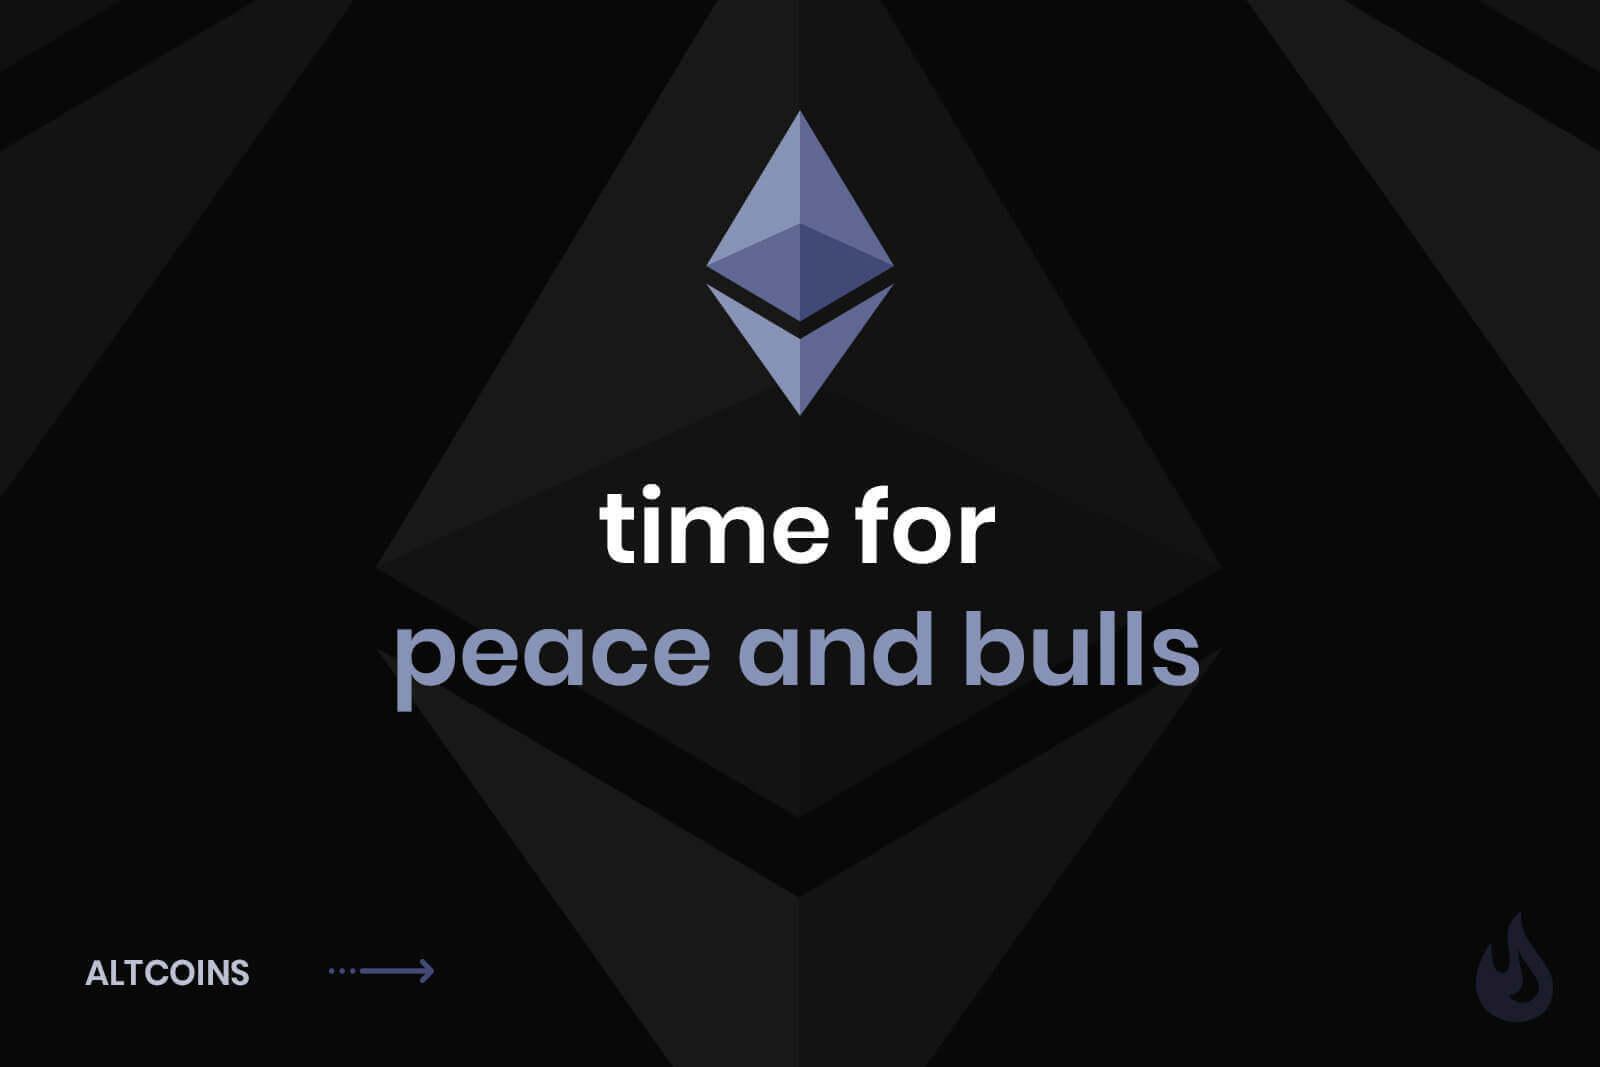 bulls ethereum